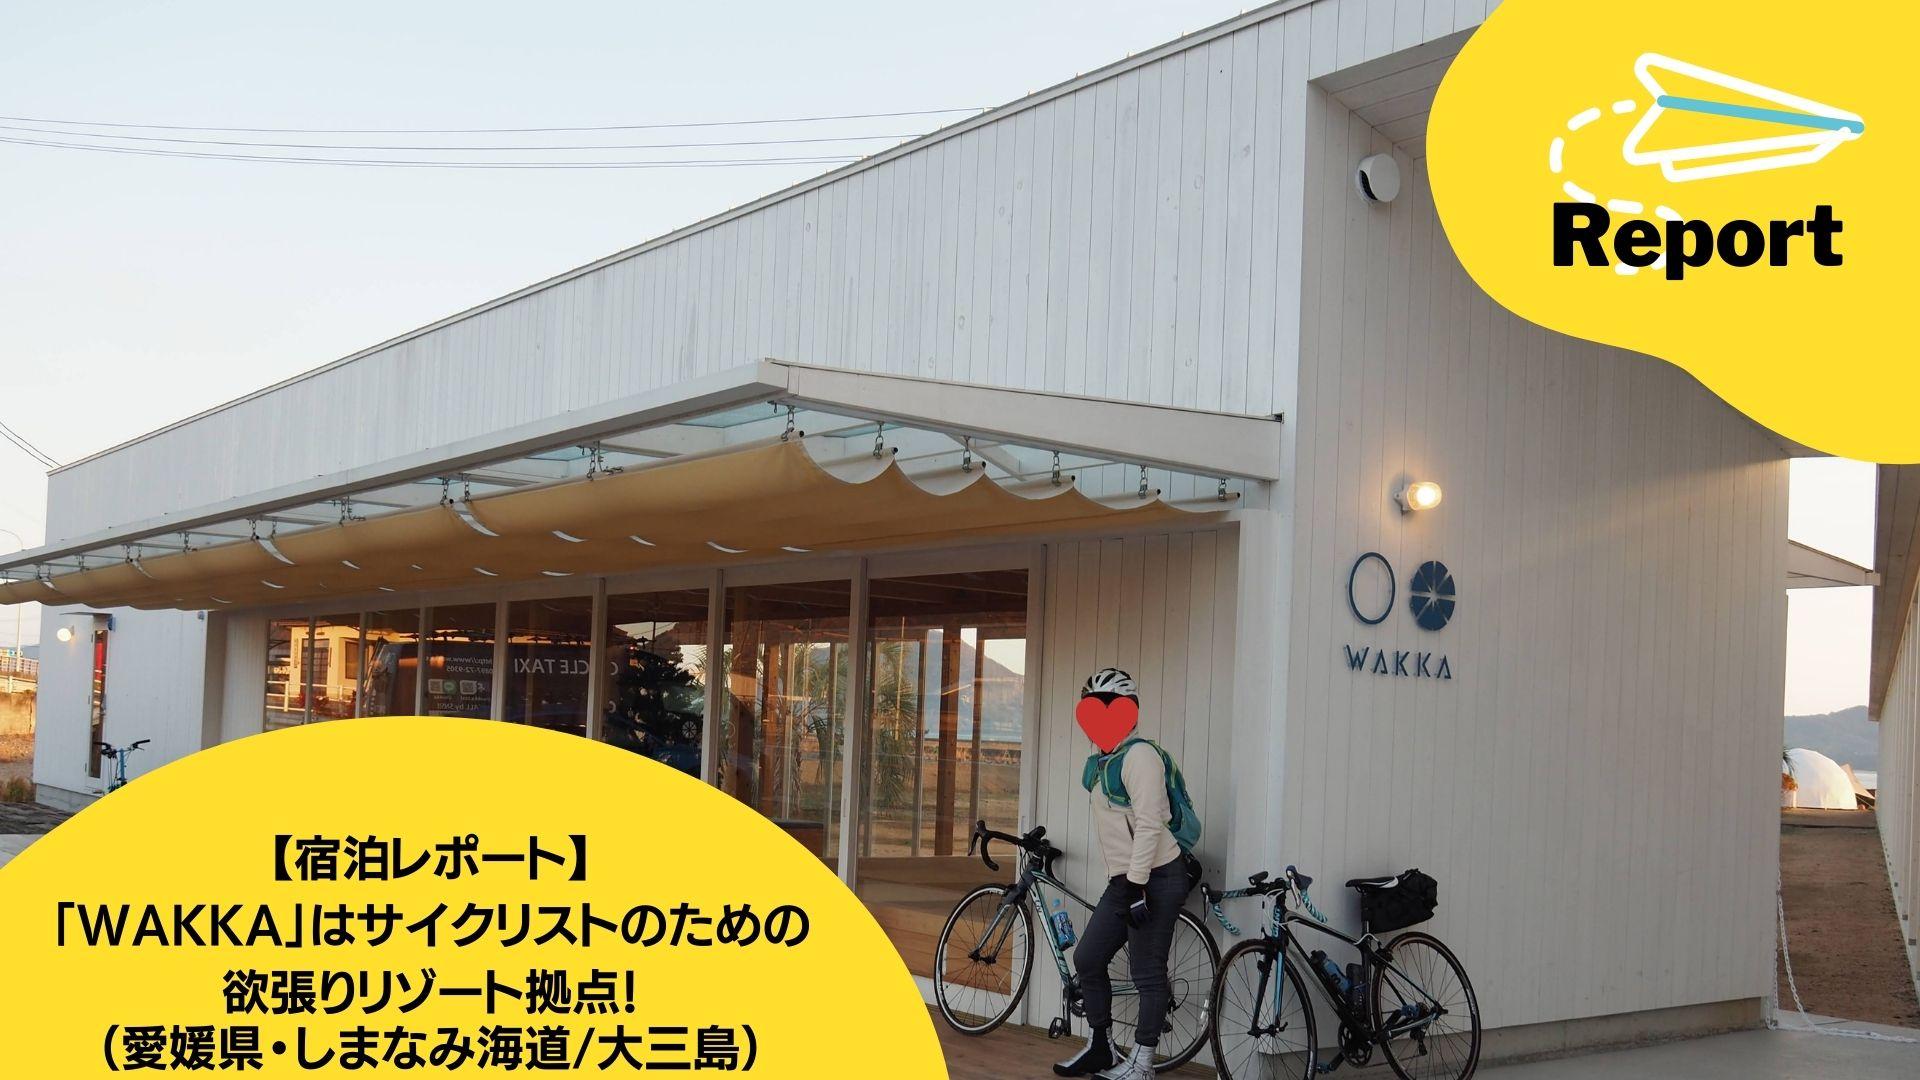 【宿泊レポート】 「WAKKA」はサイクリストのための 欲張りリゾート拠点! (愛媛県・しまなみ海道/大三島)